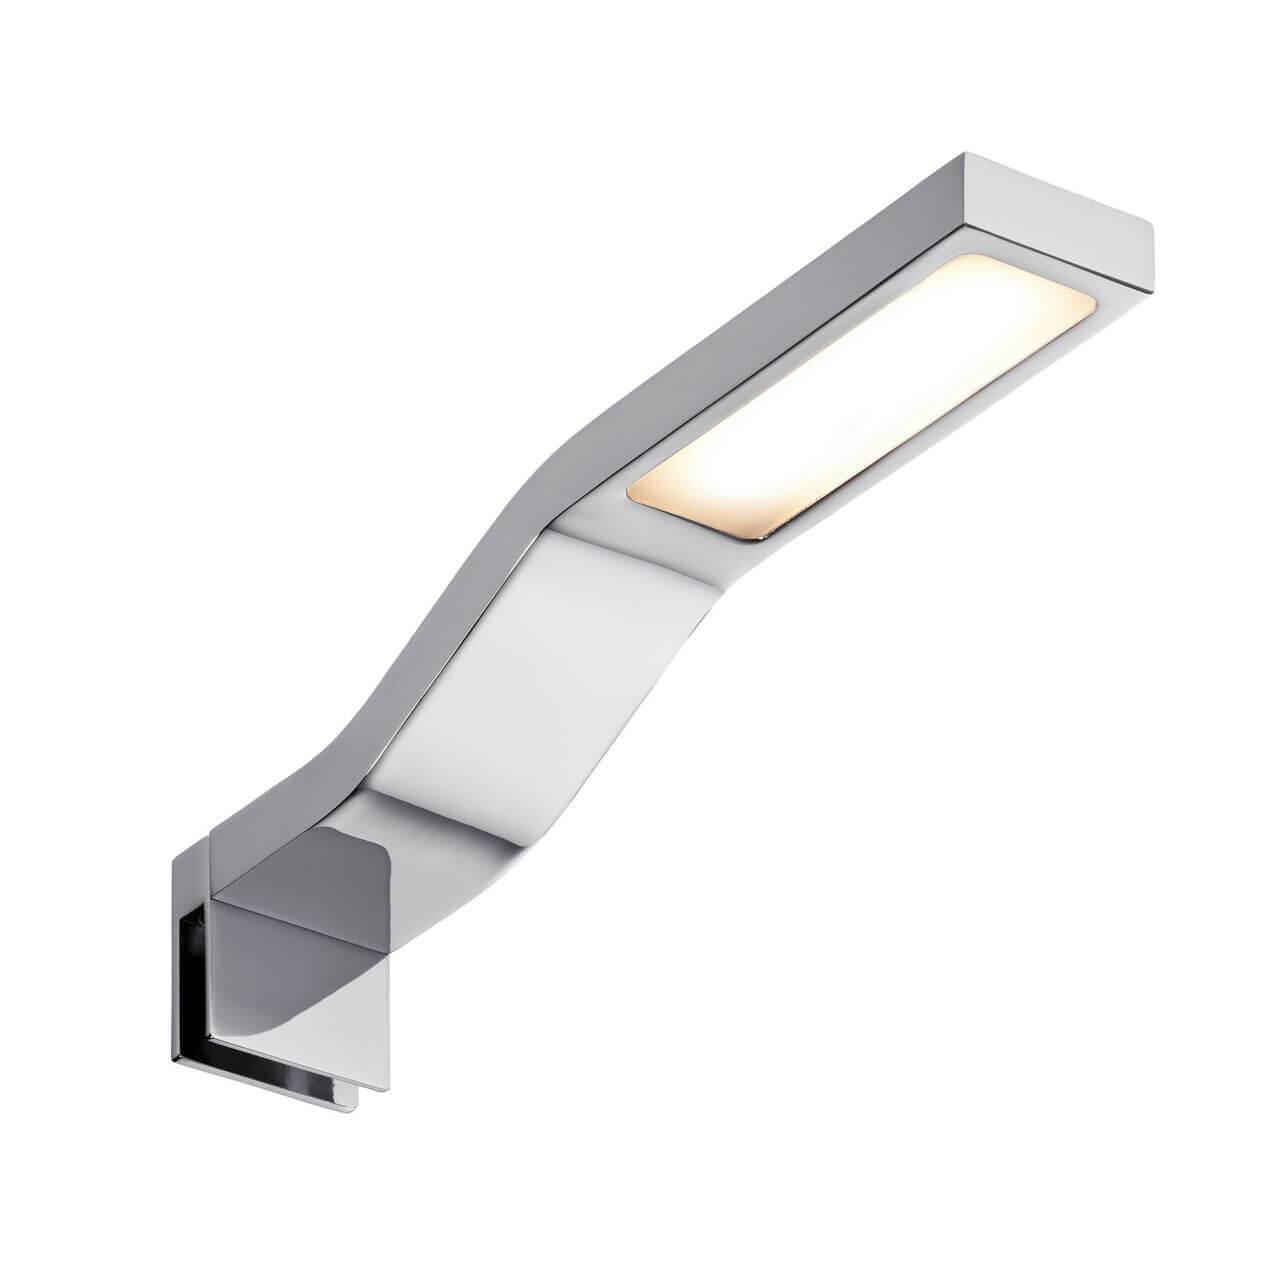 Подсветка для зеркал Paulmann 99100 Galeria Wave